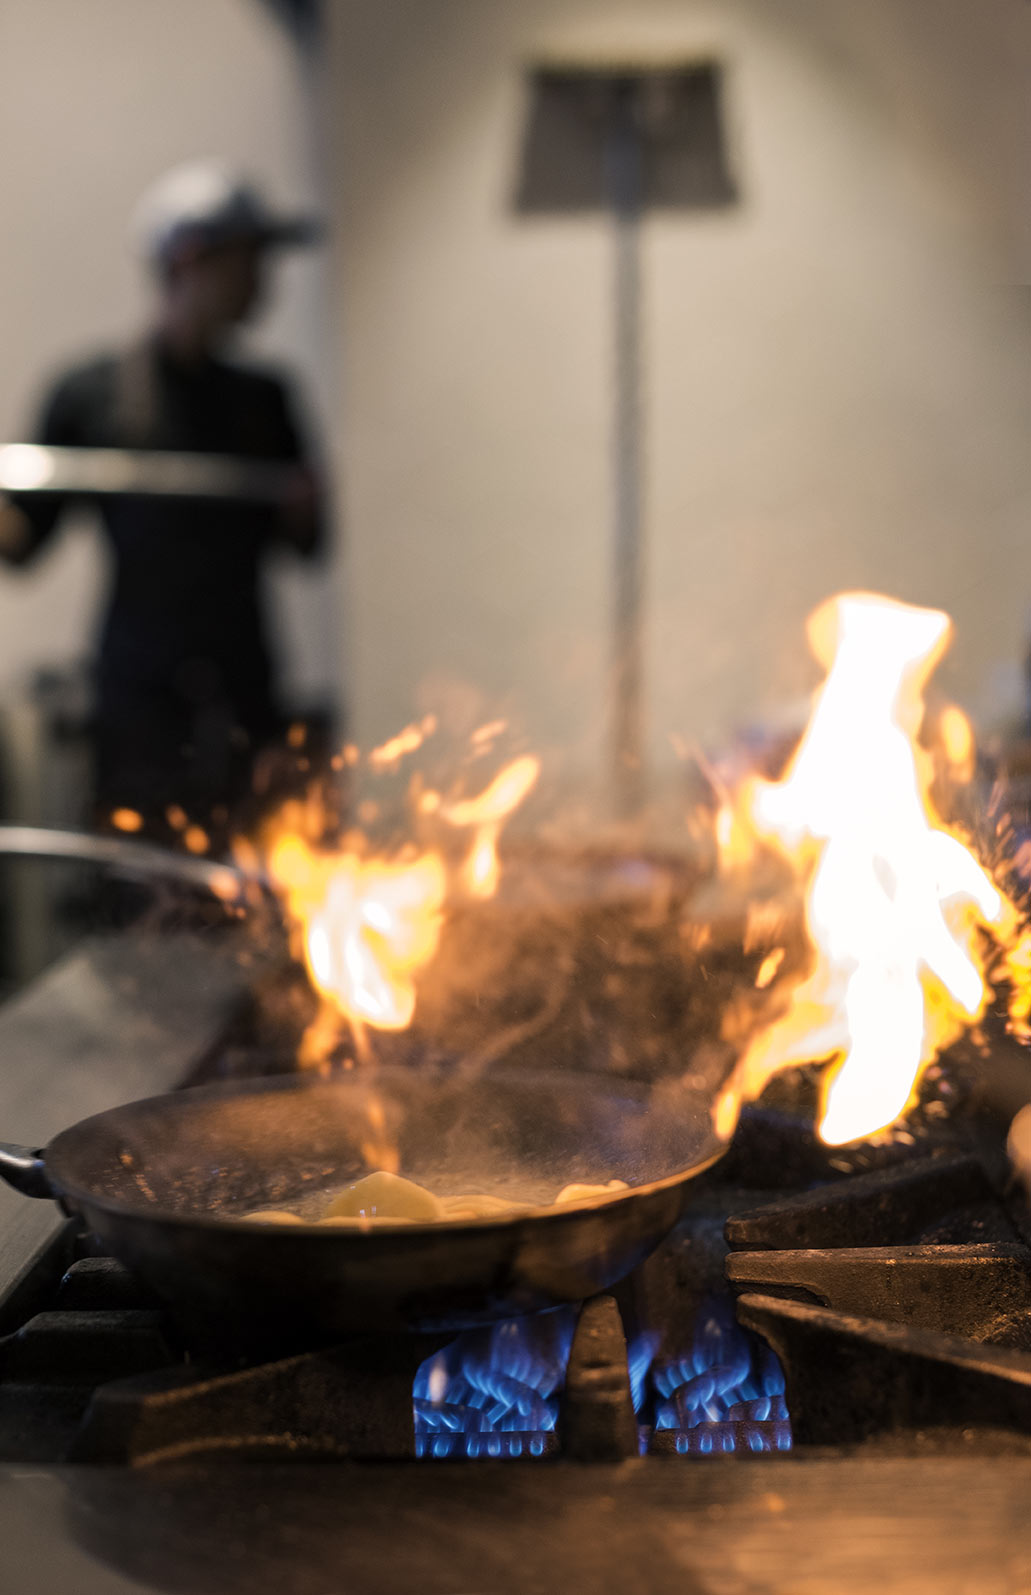 L'îlot restaurant - Repère gourmand - Ambiance chaleureuse